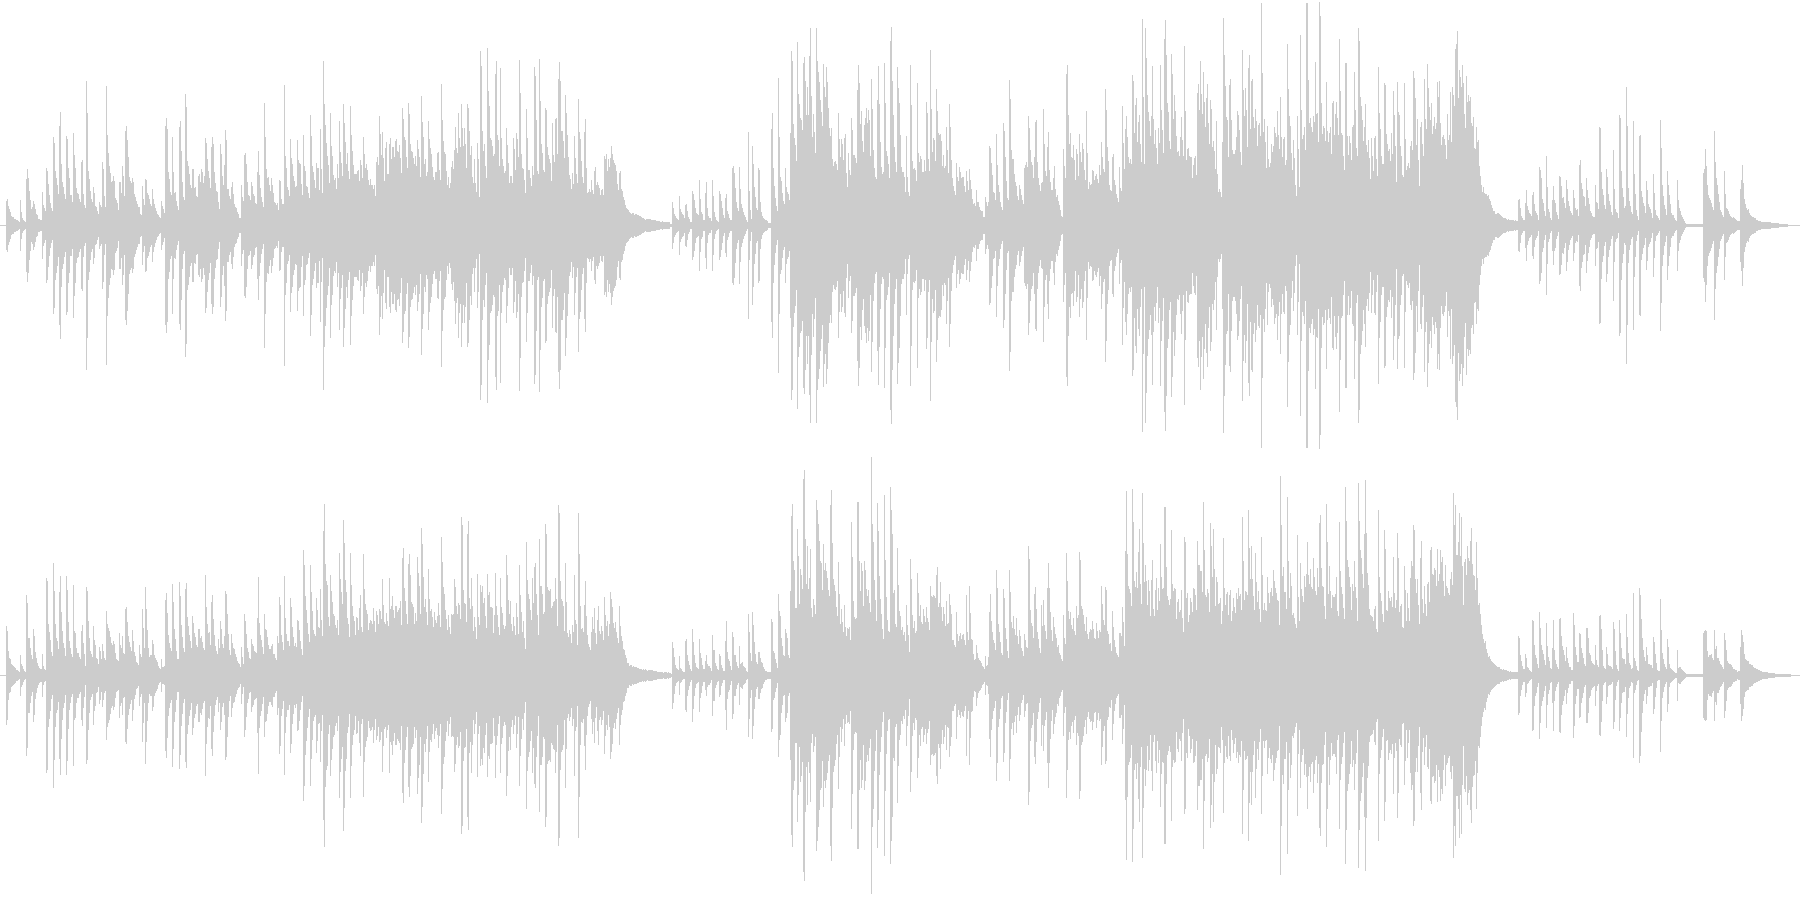 切なくも美しいピアノアレンジの未再生の波形